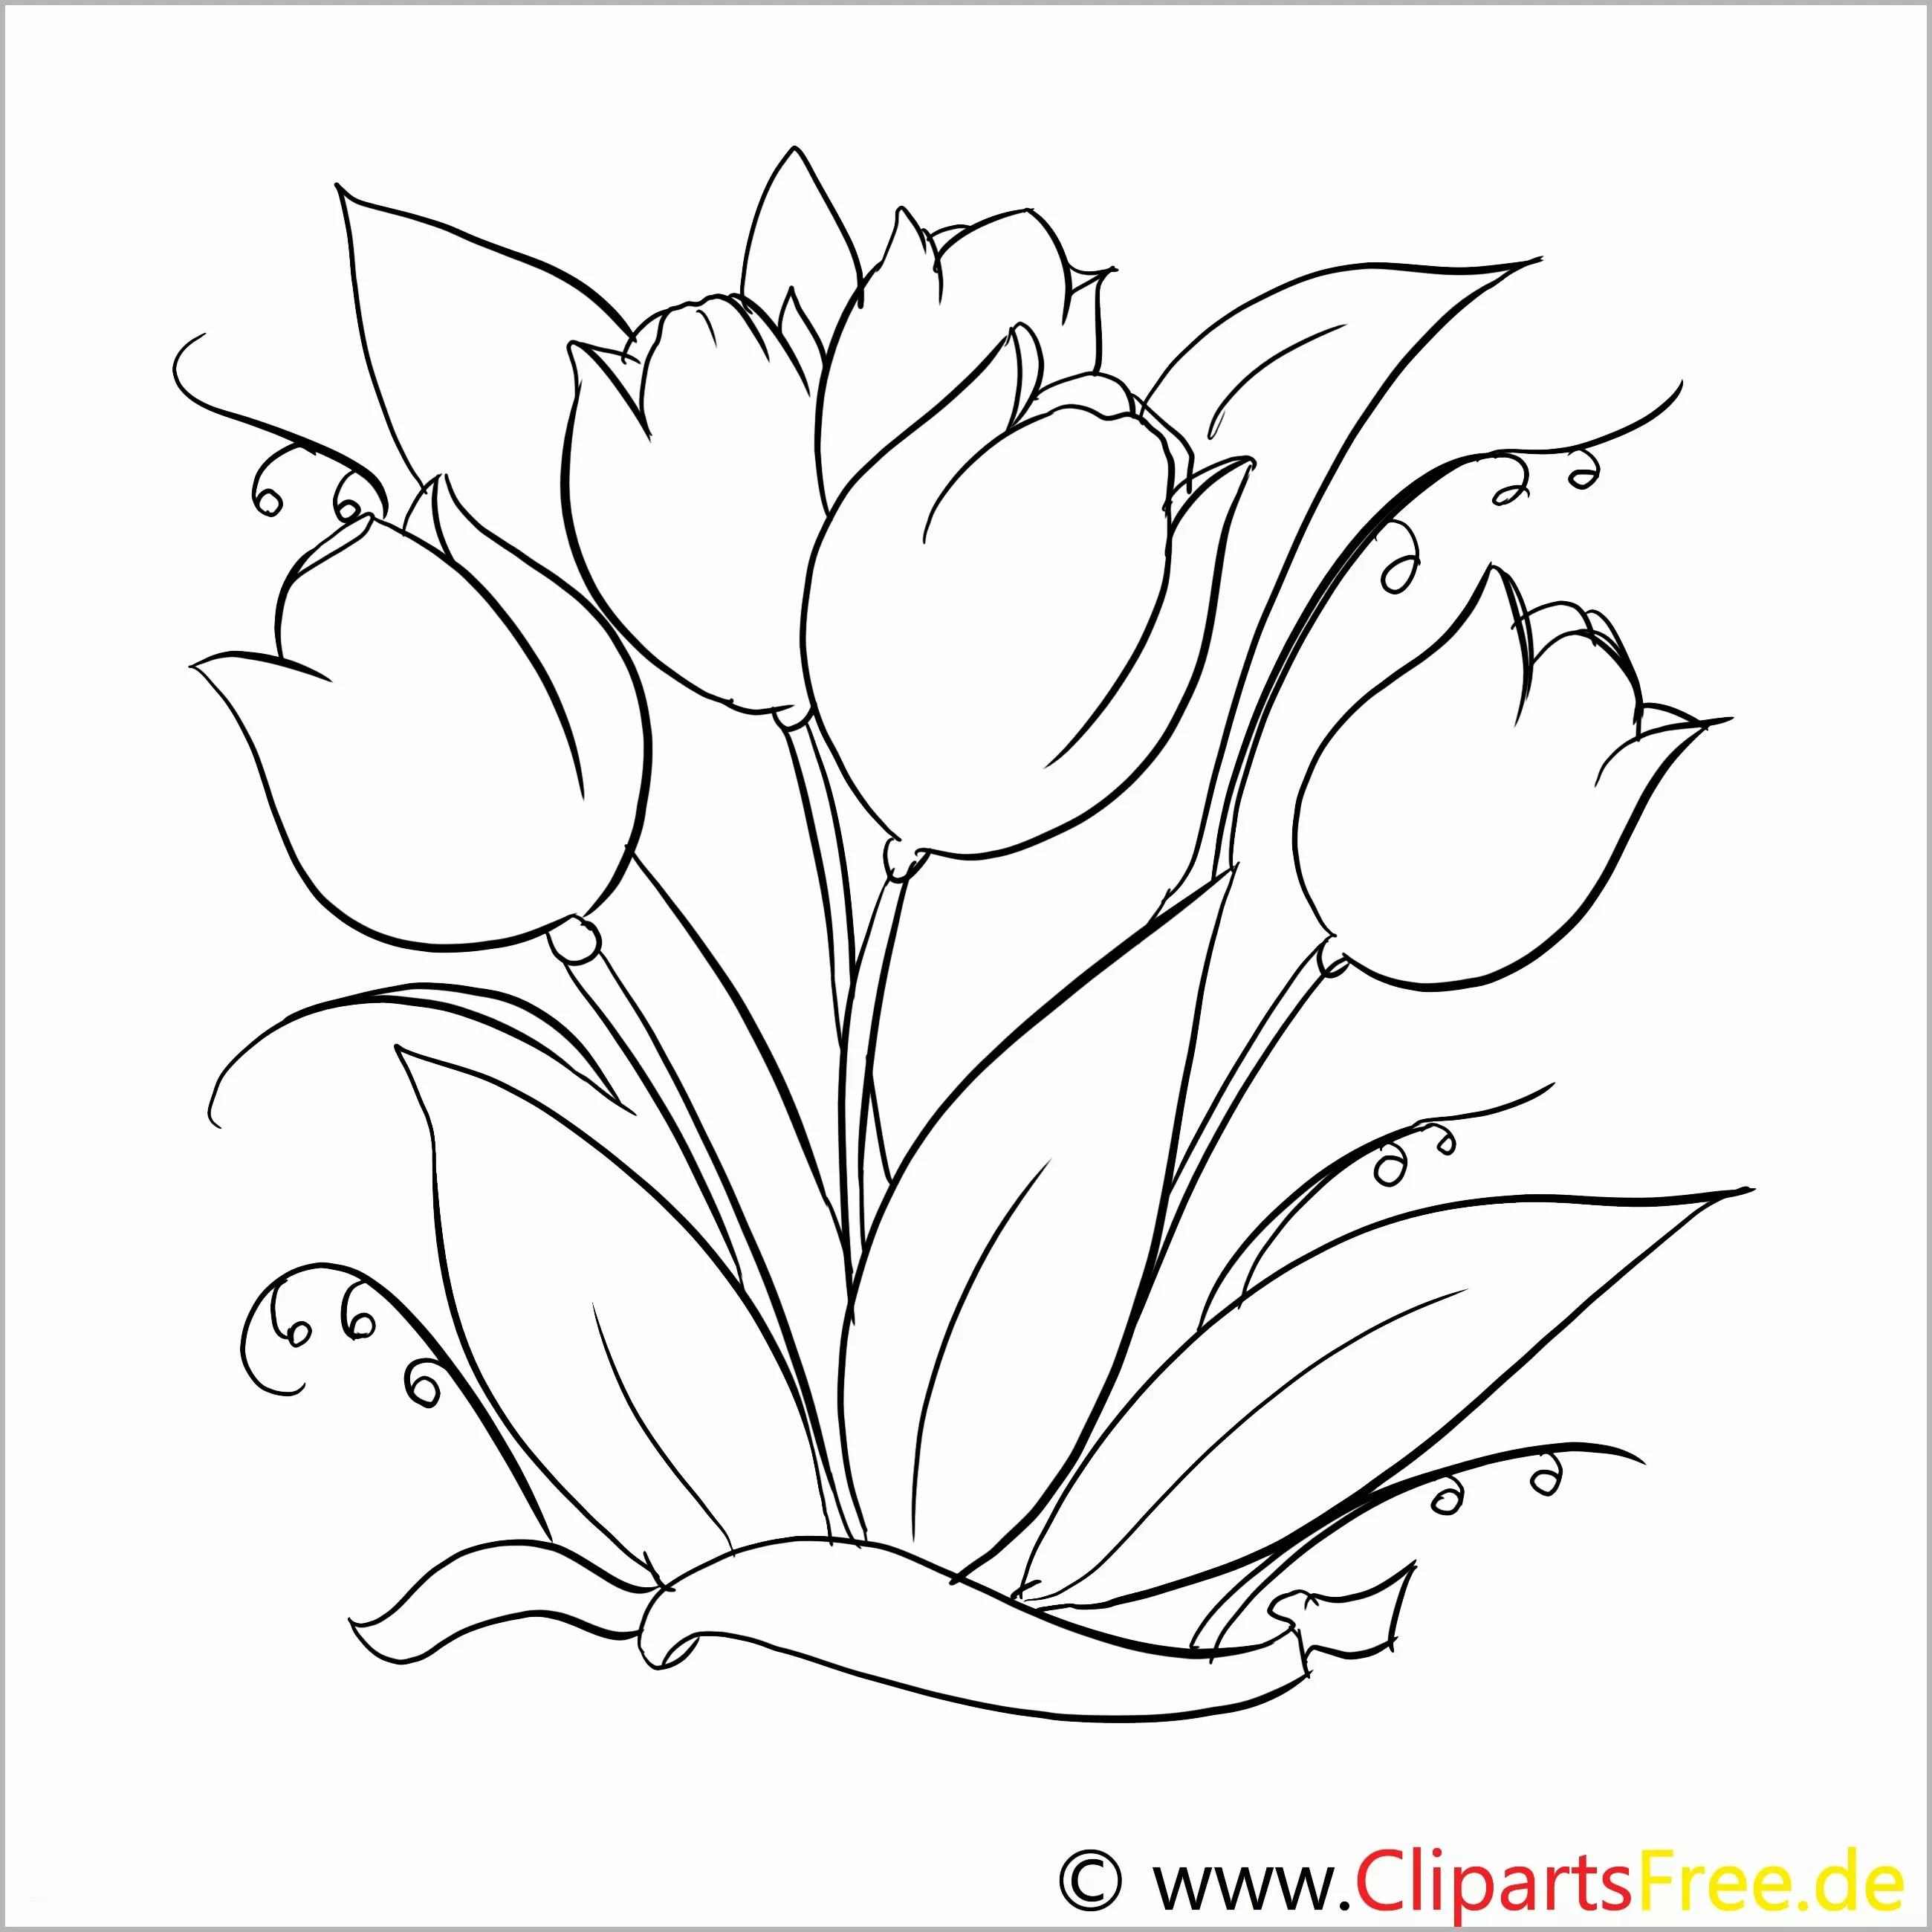 Erschwinglich Tulpen Malvorlage Gratis - Bibliothek